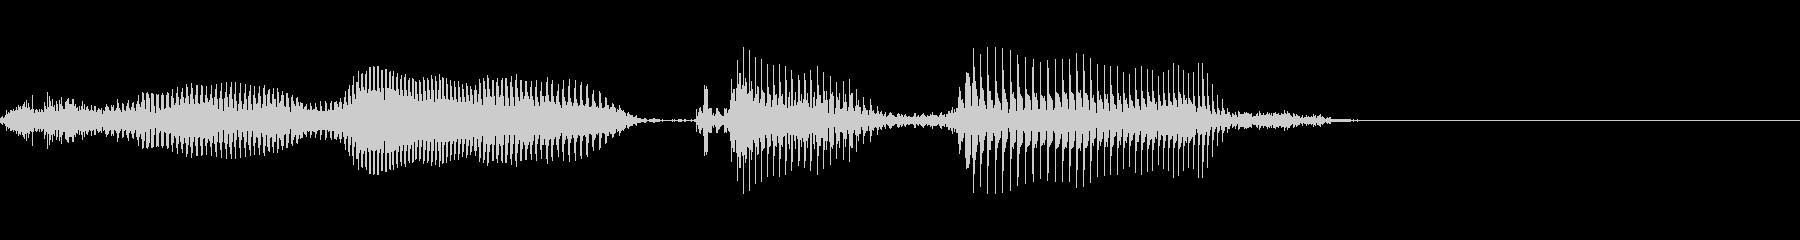 次いこうぜの未再生の波形